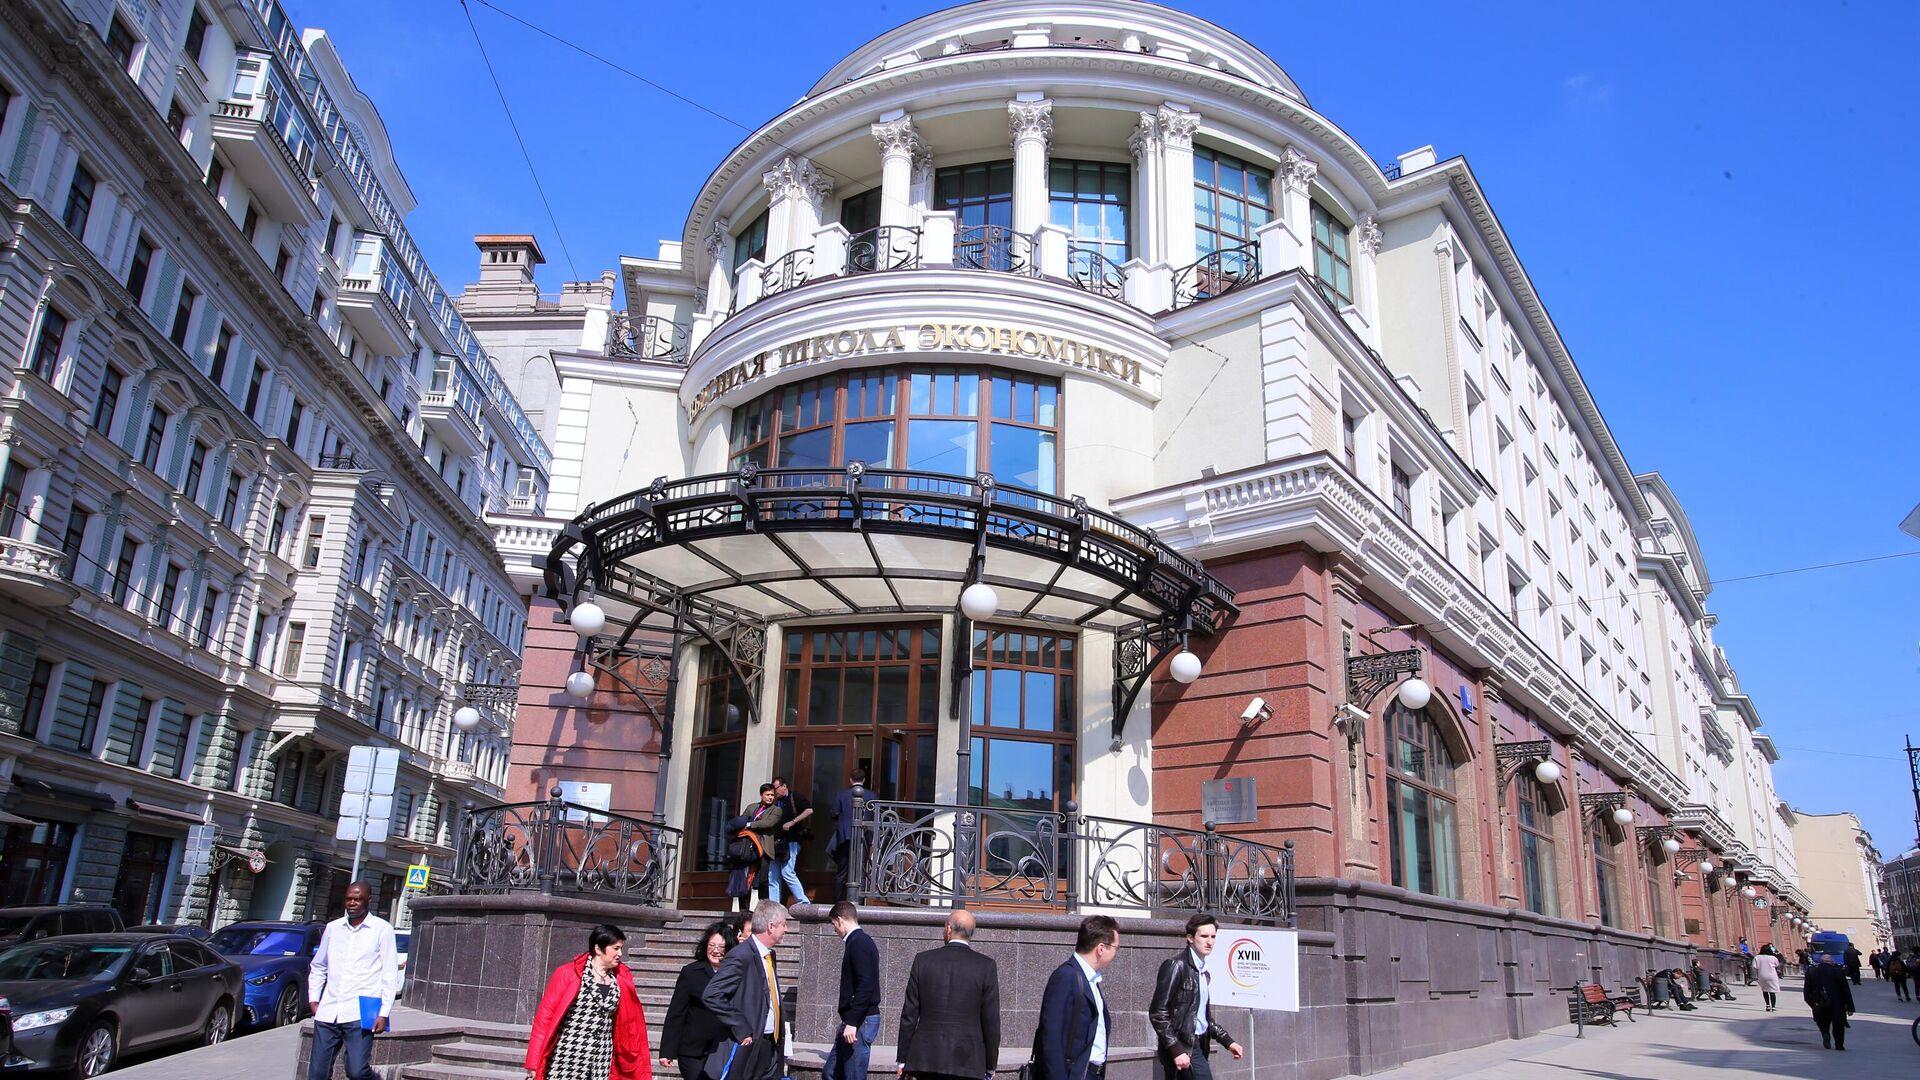 Здание Национального исследовательского университета Высшей школы экономики (НИУ ВШЭ) в Москве - РИА Новости, 1920, 19.11.2020